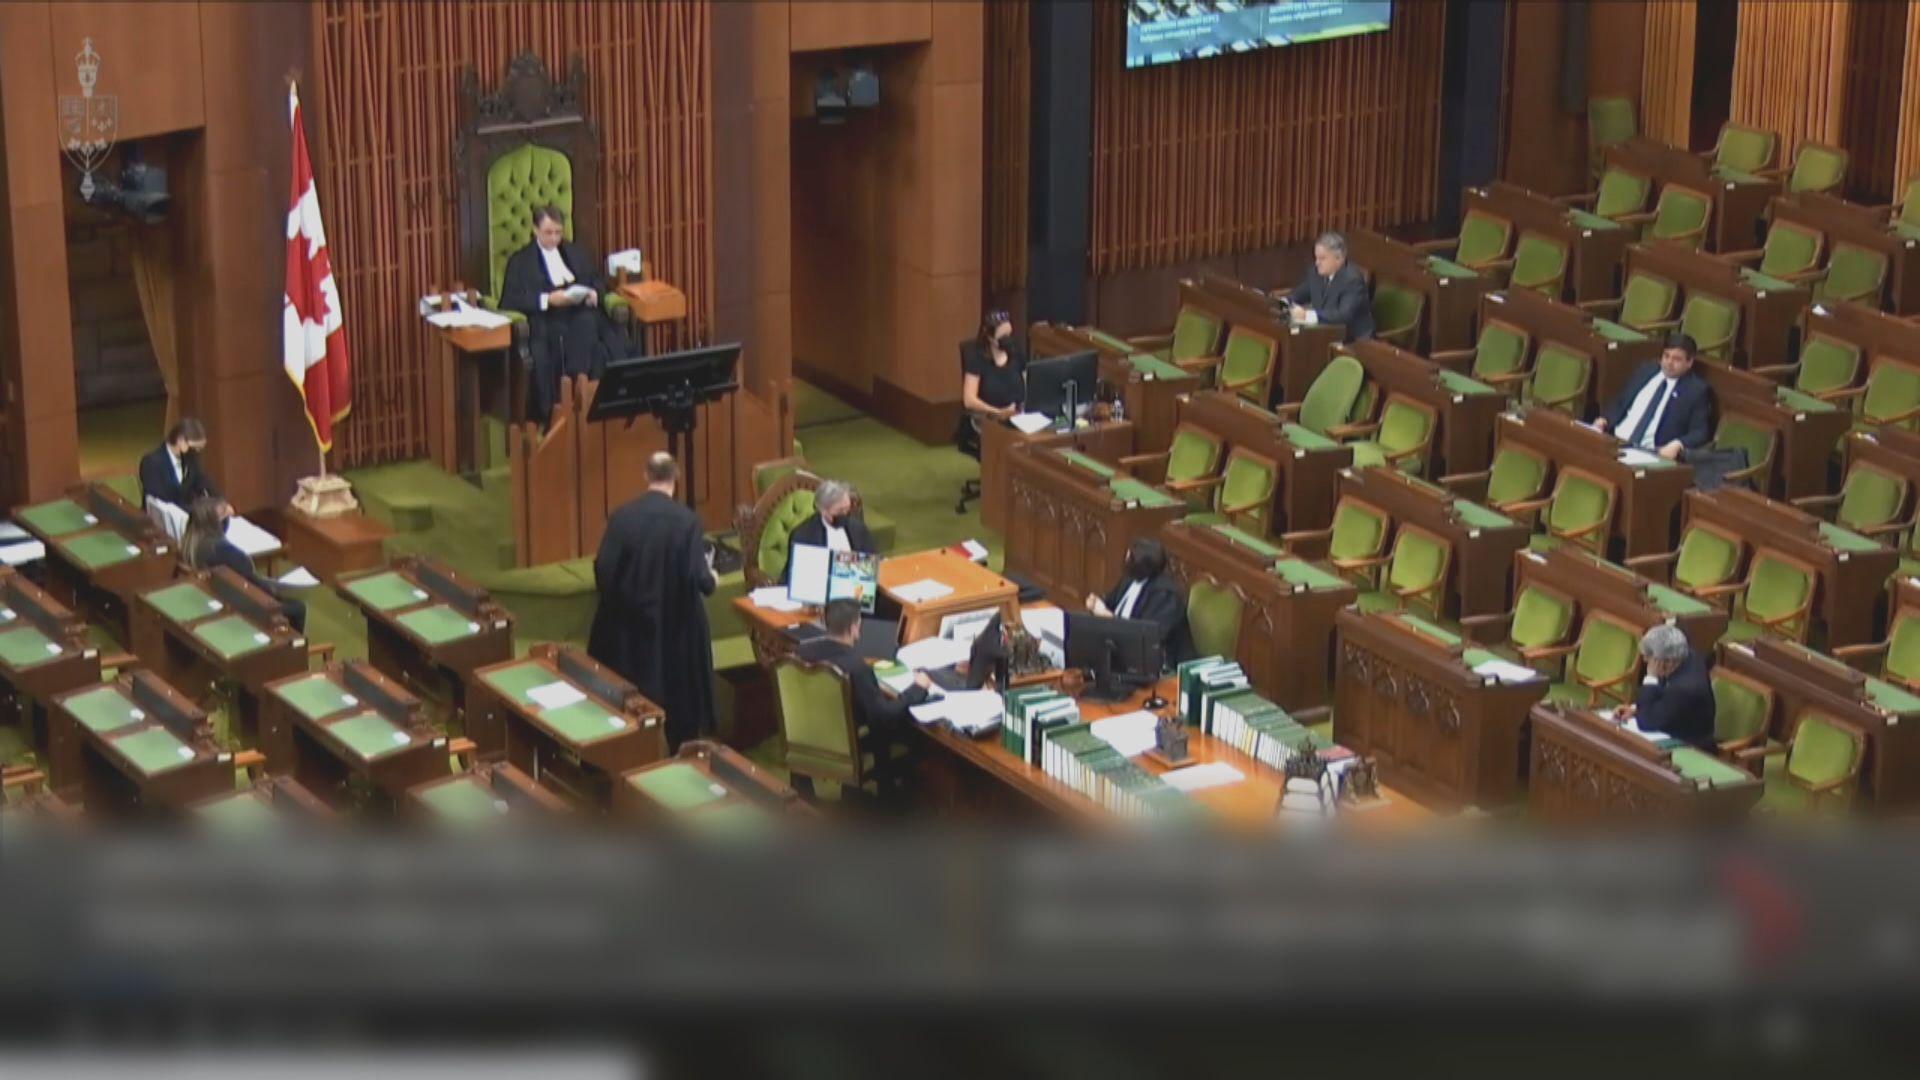 加國眾議院通過動議促宣布中國種族滅絕新疆維吾爾人 中國駐加使館嚴厲譴責